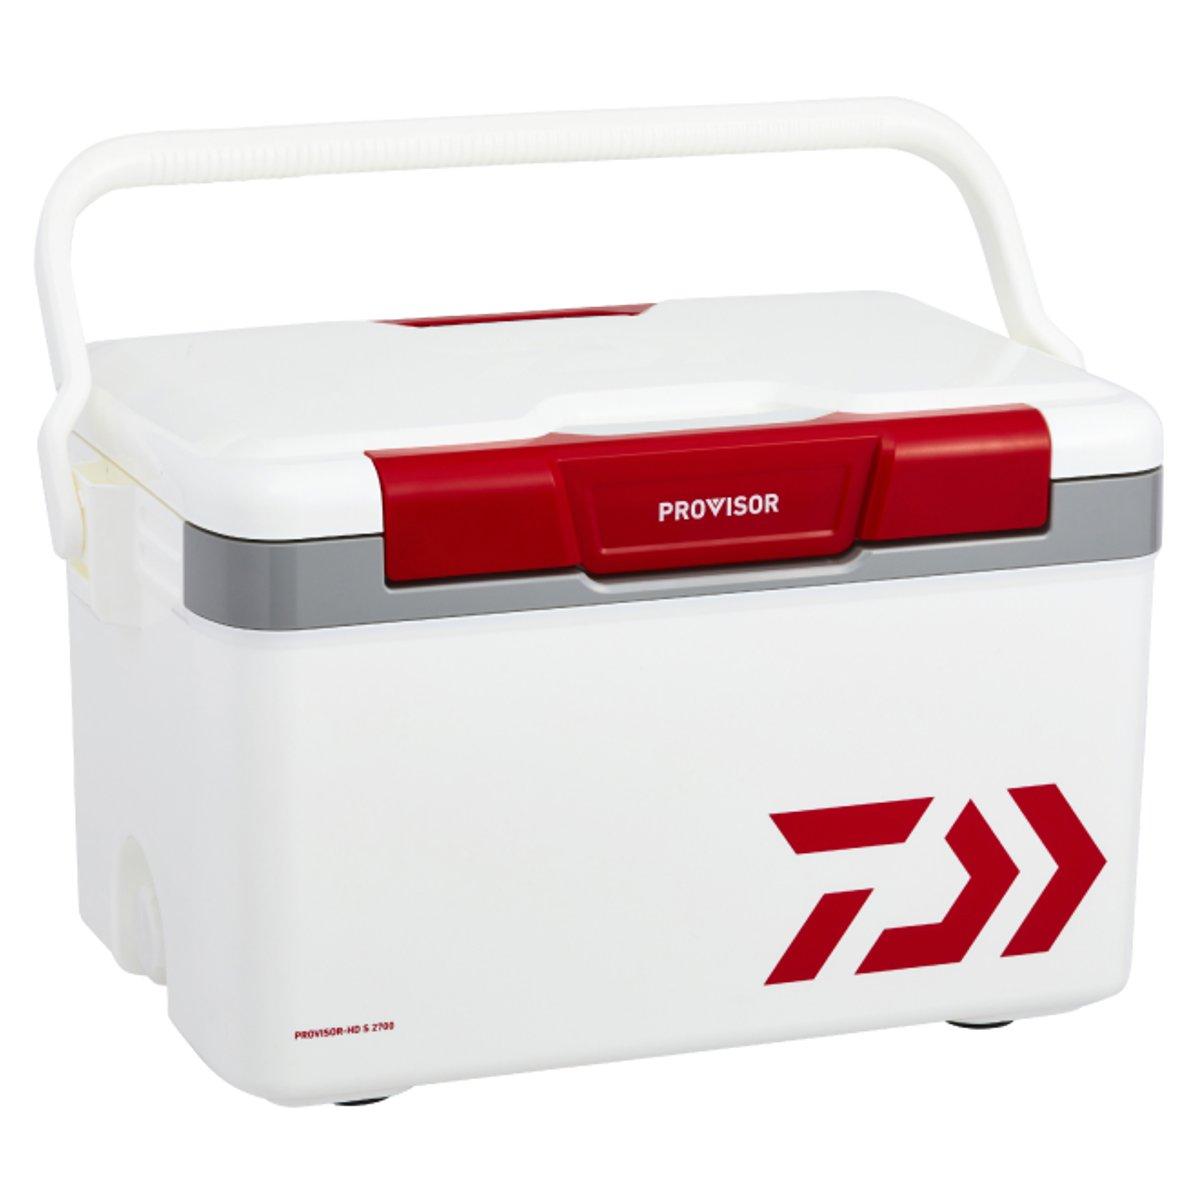 ダイワ プロバイザー HD S 2700 レッド クーラーボックス